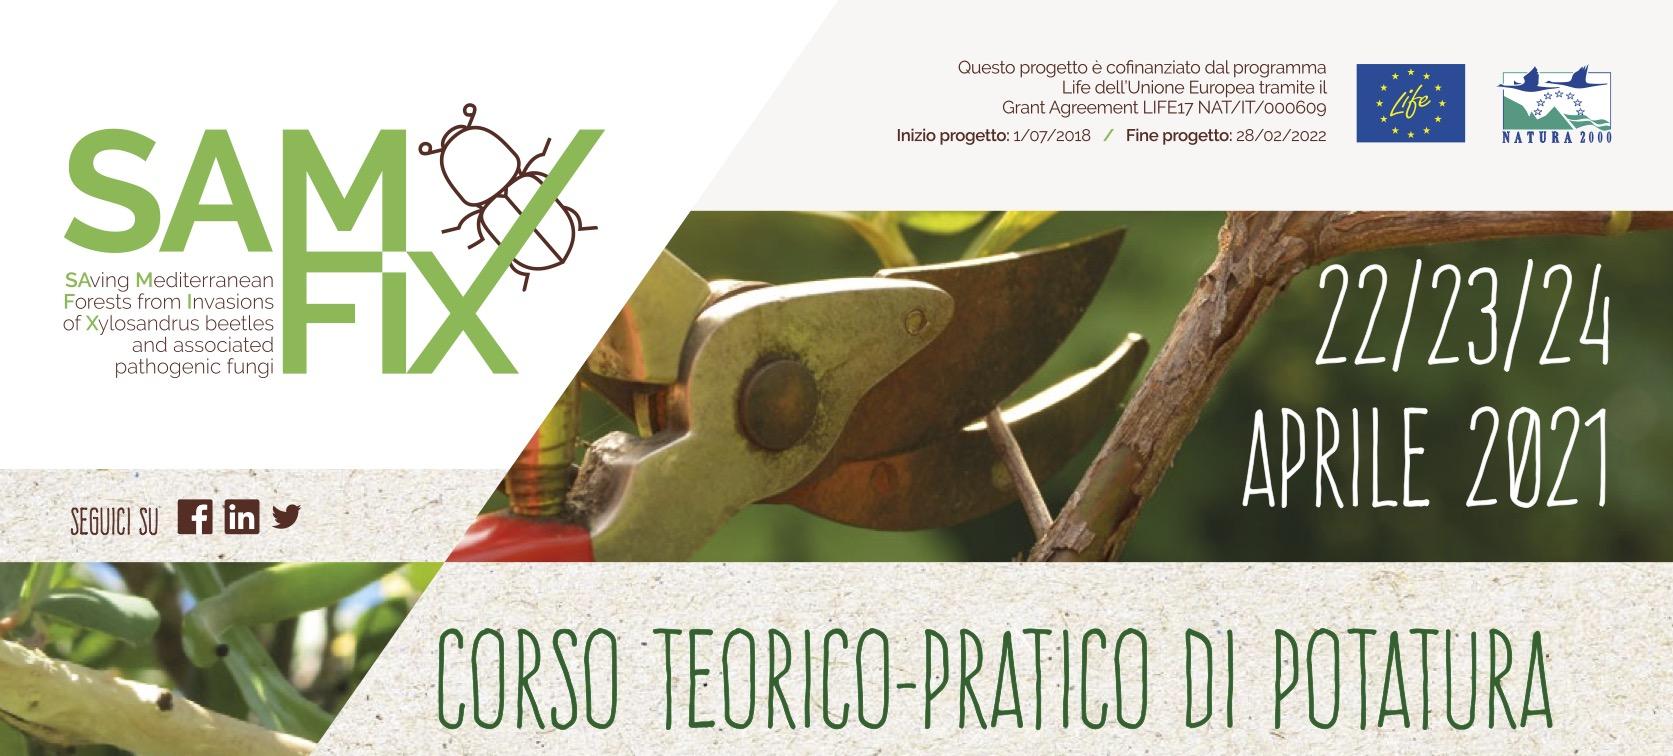 CORSO TEORICO-PRATICO DI POTATURA CON GLI ESPERTI DEL PARCO DEL CIRCEO